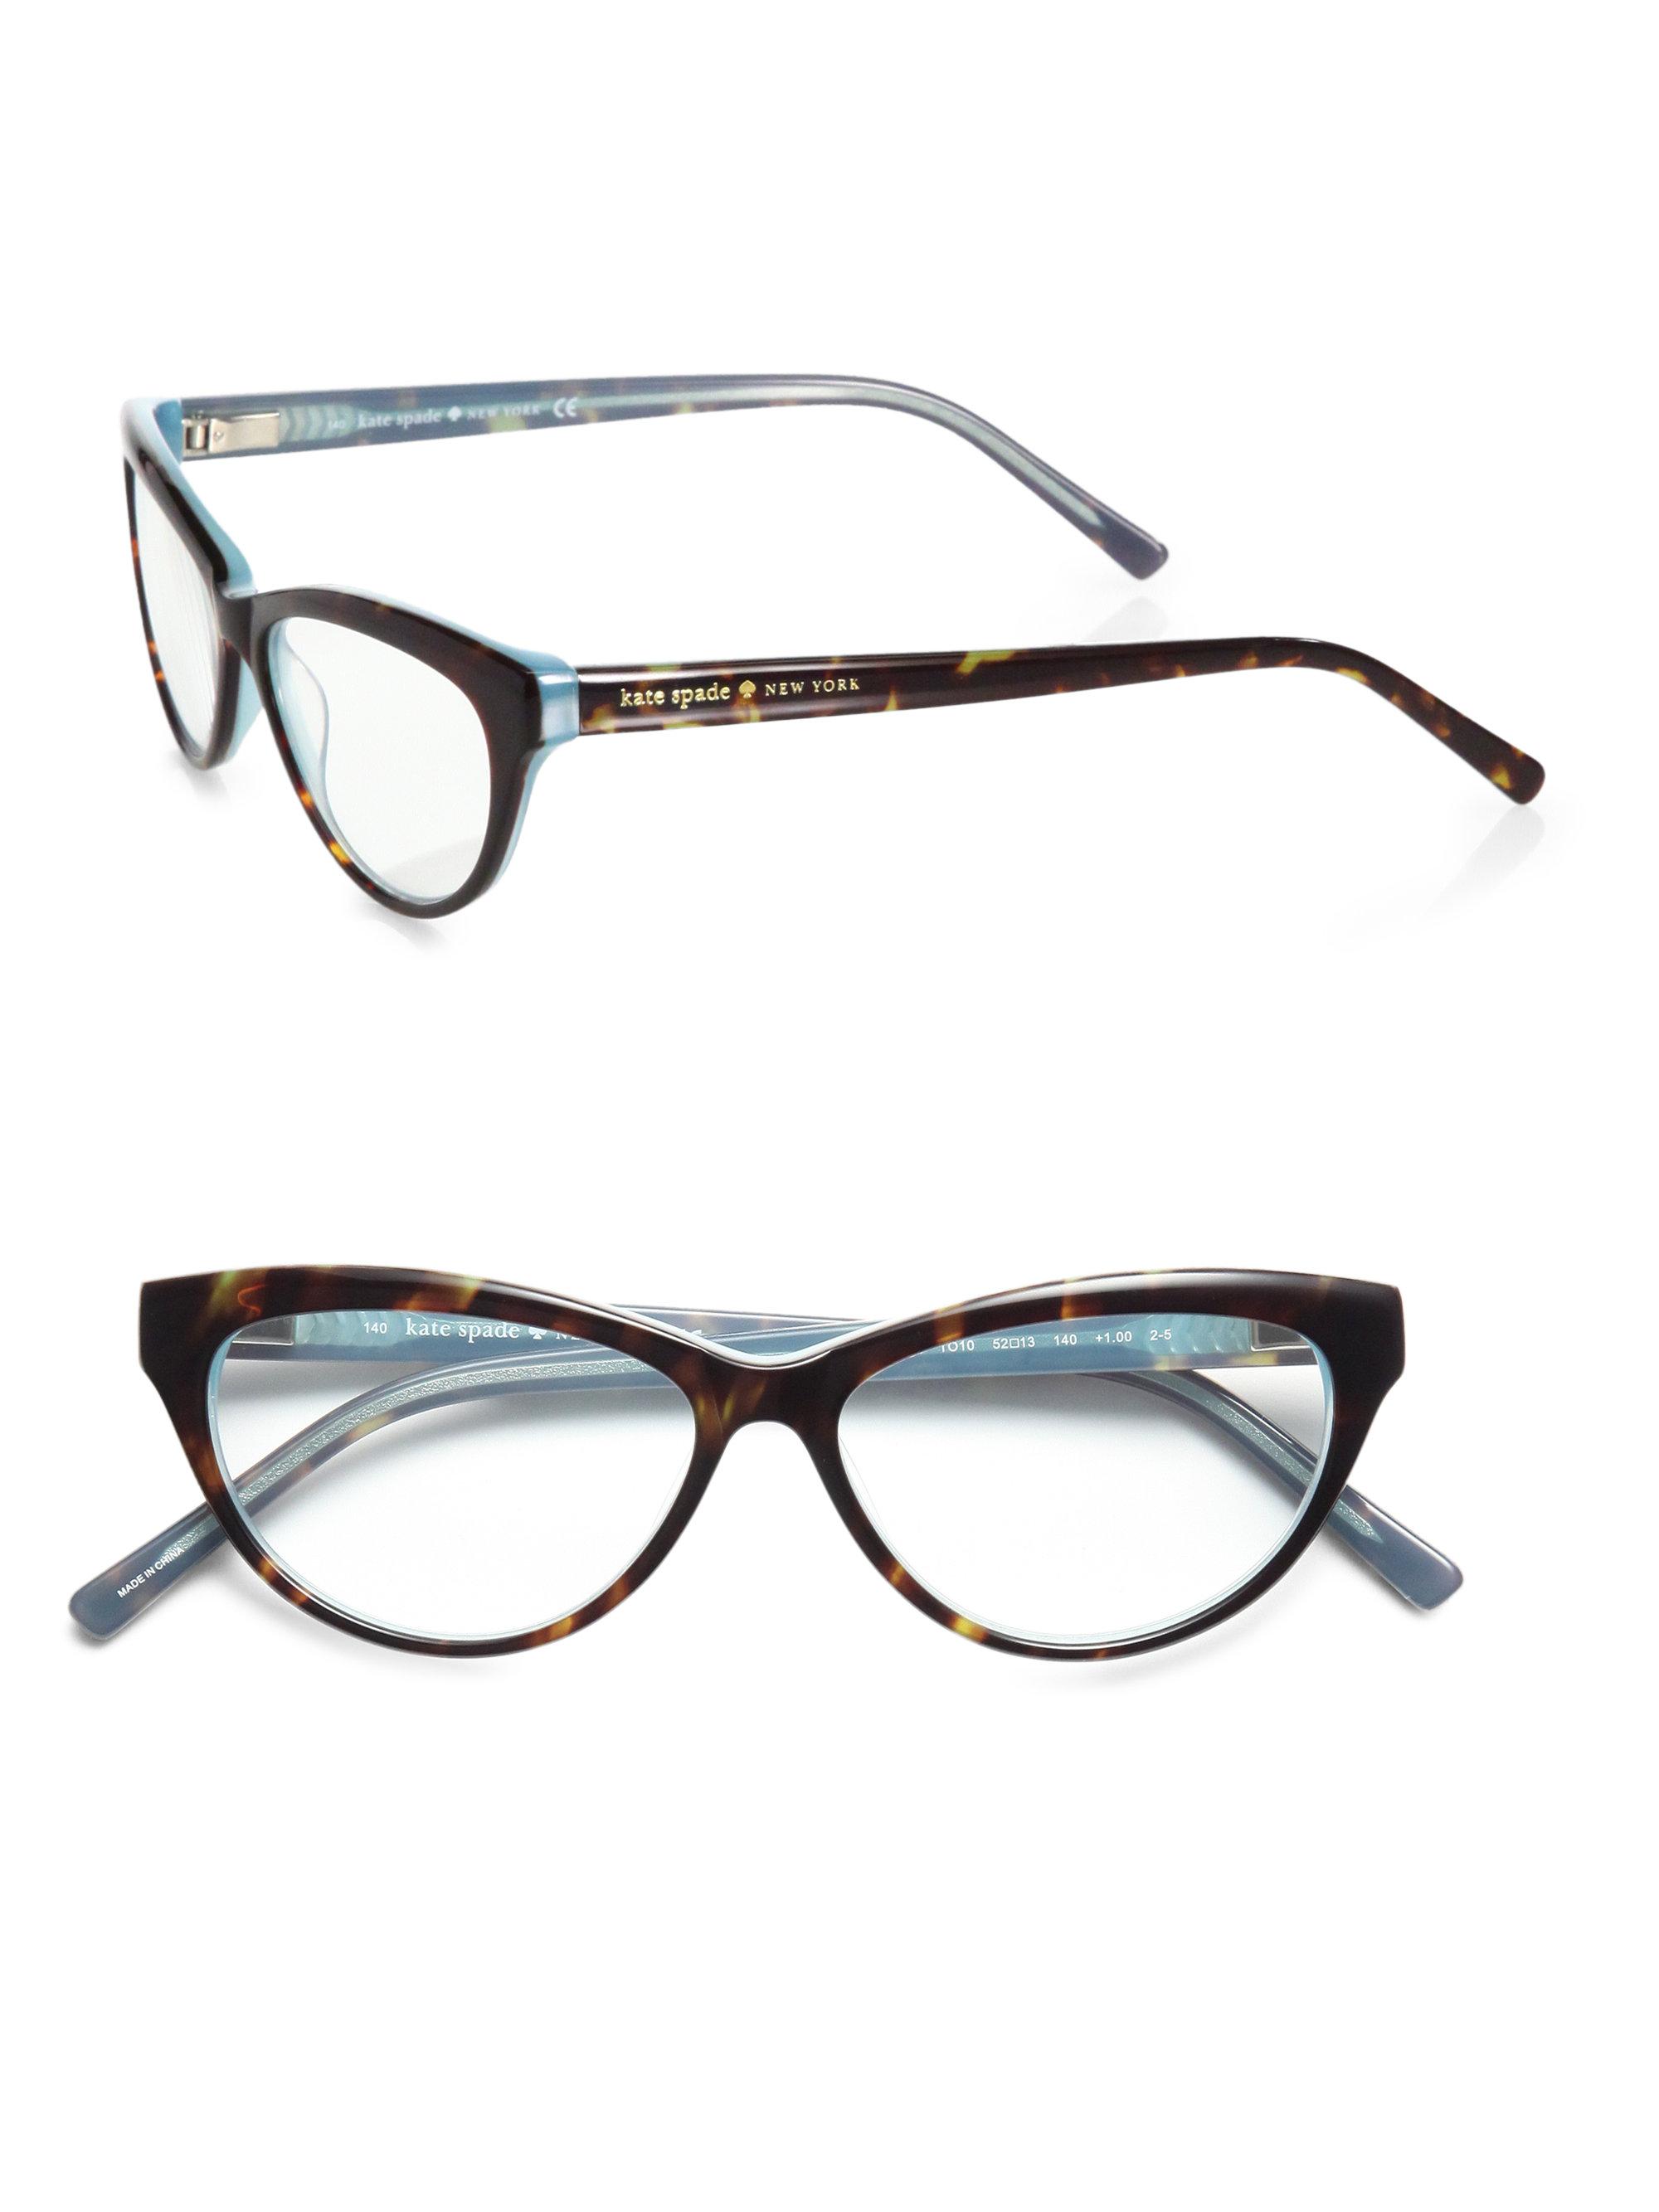 Kate Spade Abena Cat S Eye Reading Glasses In Black Black